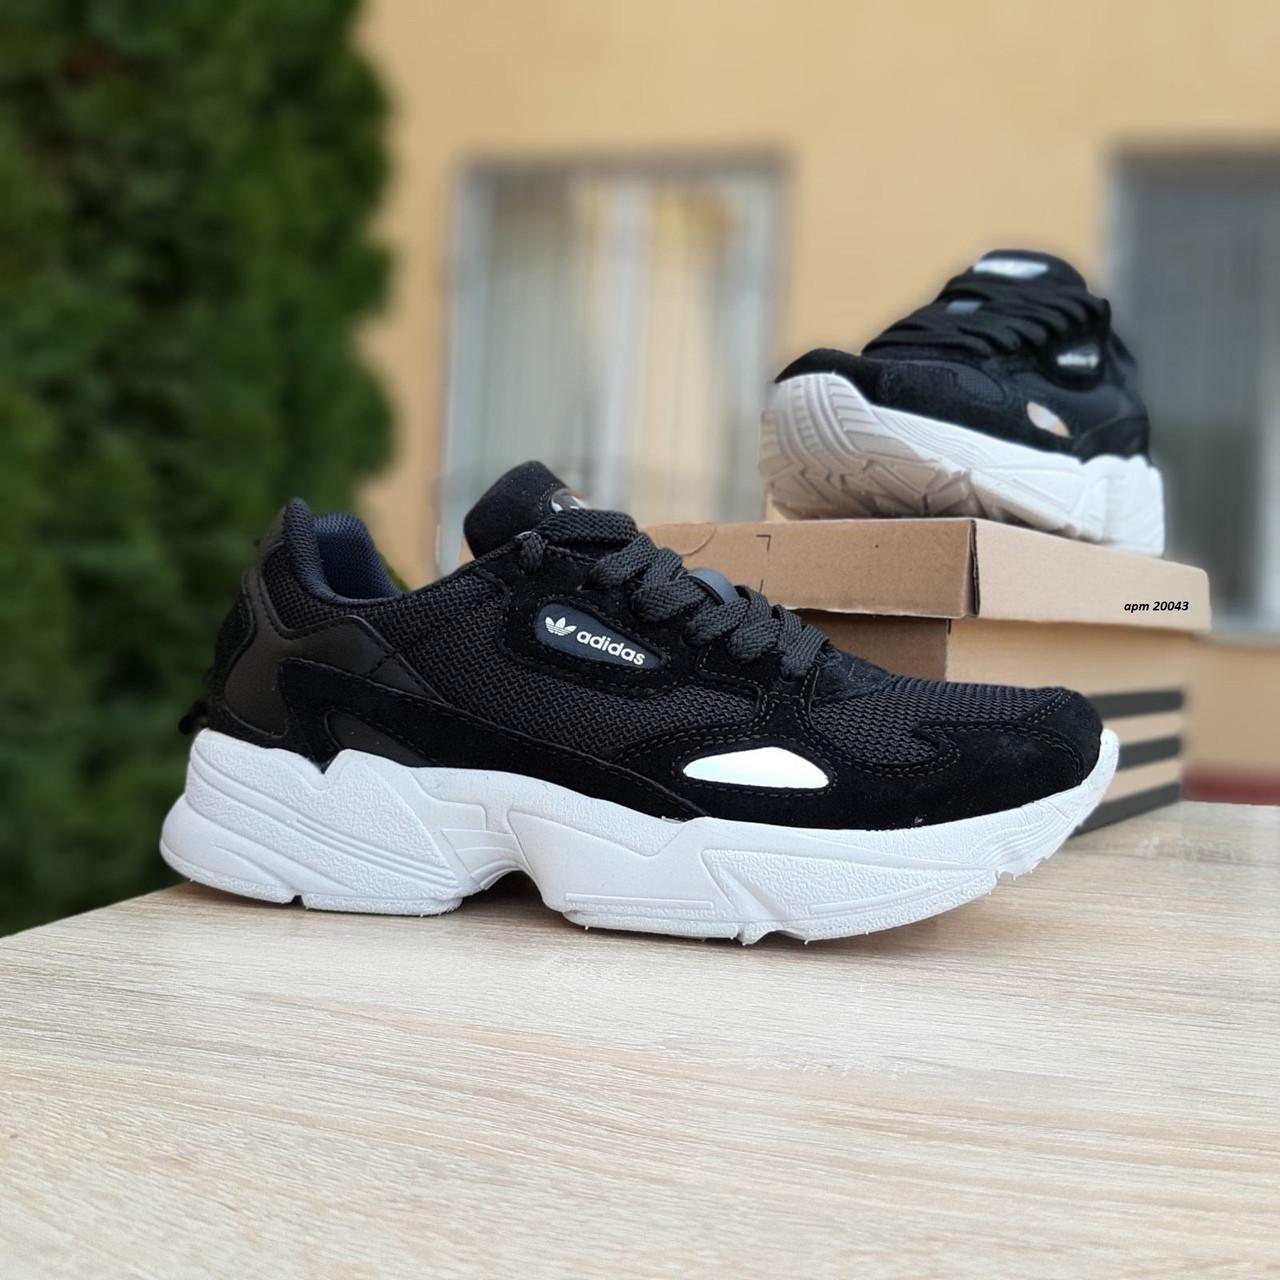 Кроссовки распродажа АКЦИЯ последние размеры Adidas 650 грн 40й(25,5см), 41й(26см) люкс копия